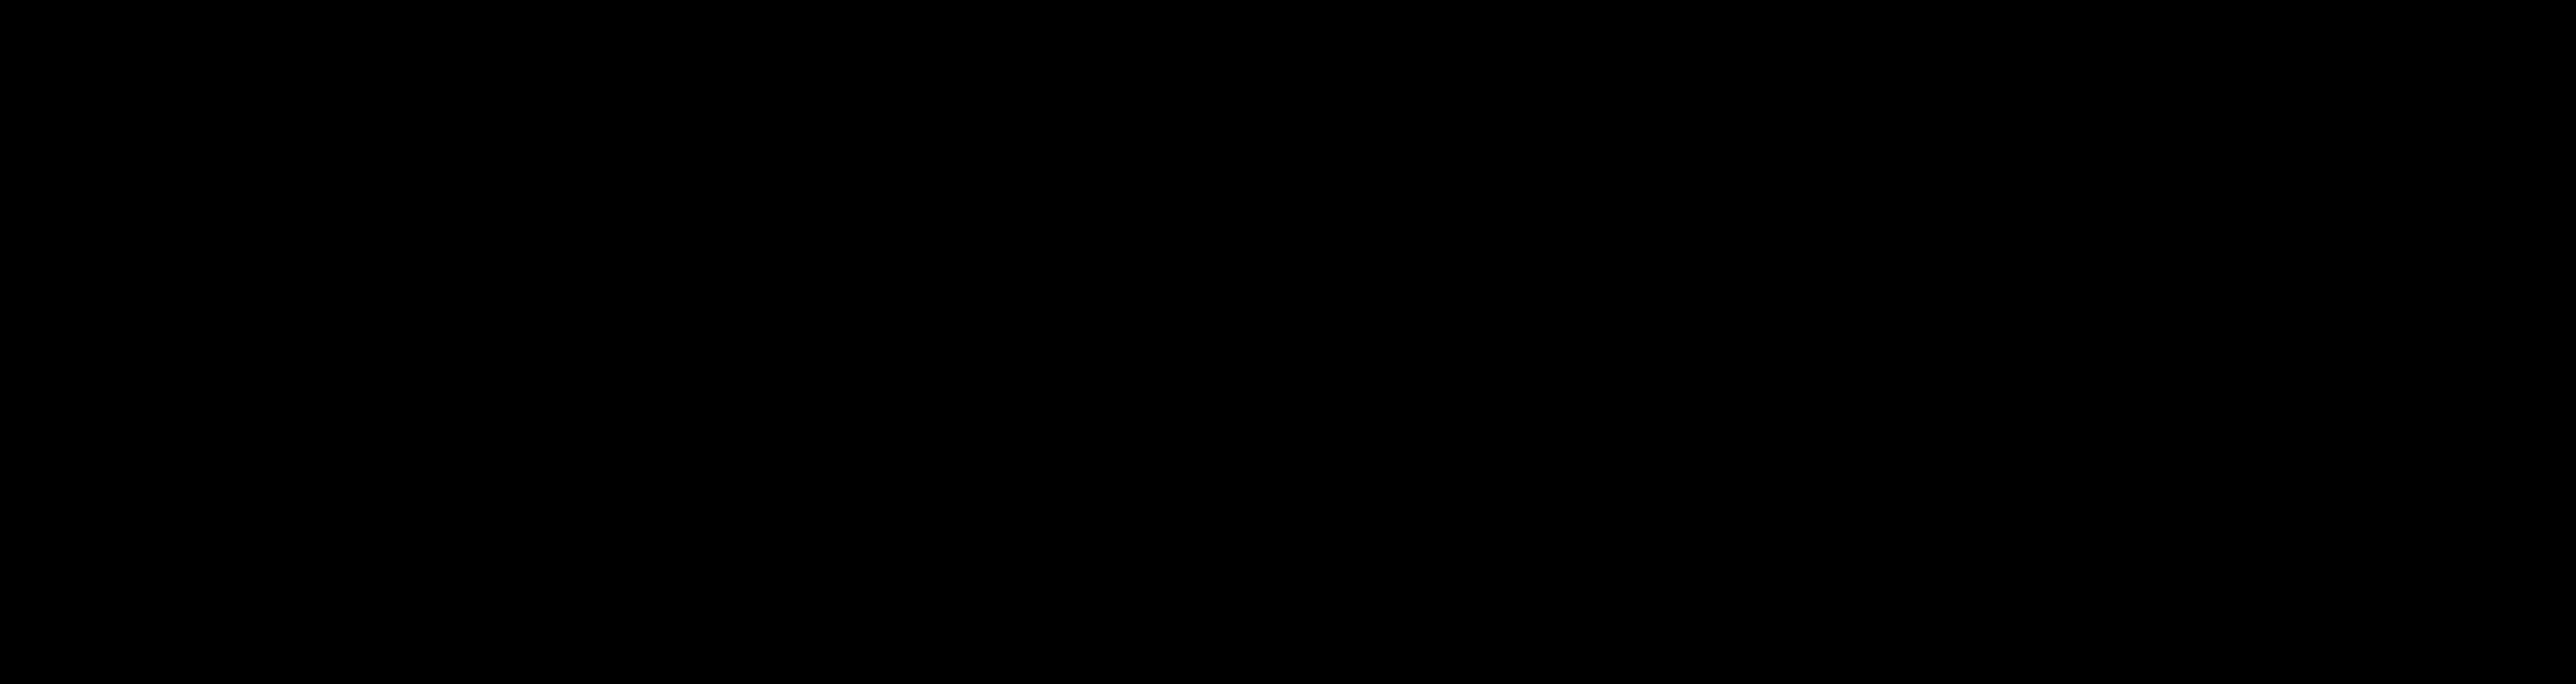 Stage 1 header